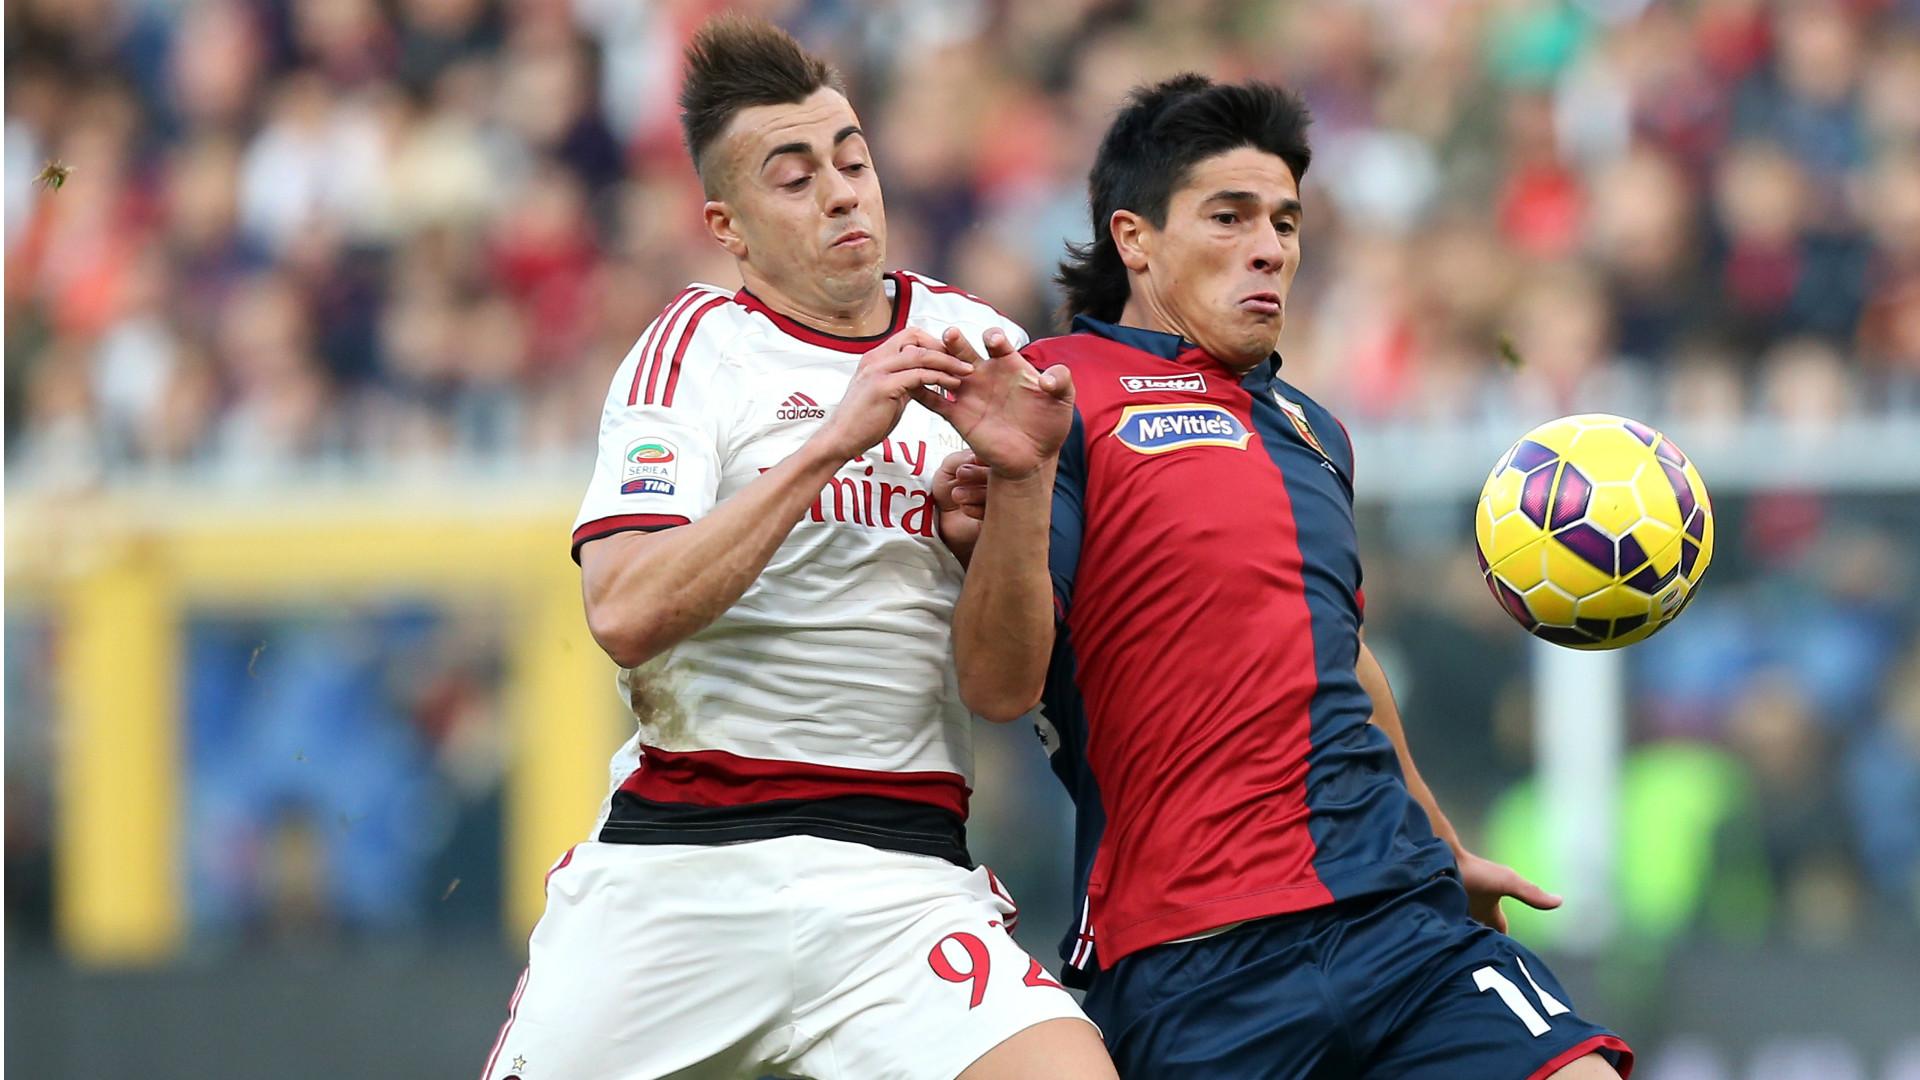 Il difensore argentino difficilmente sarà riscattato dal Genoa a fine stagione